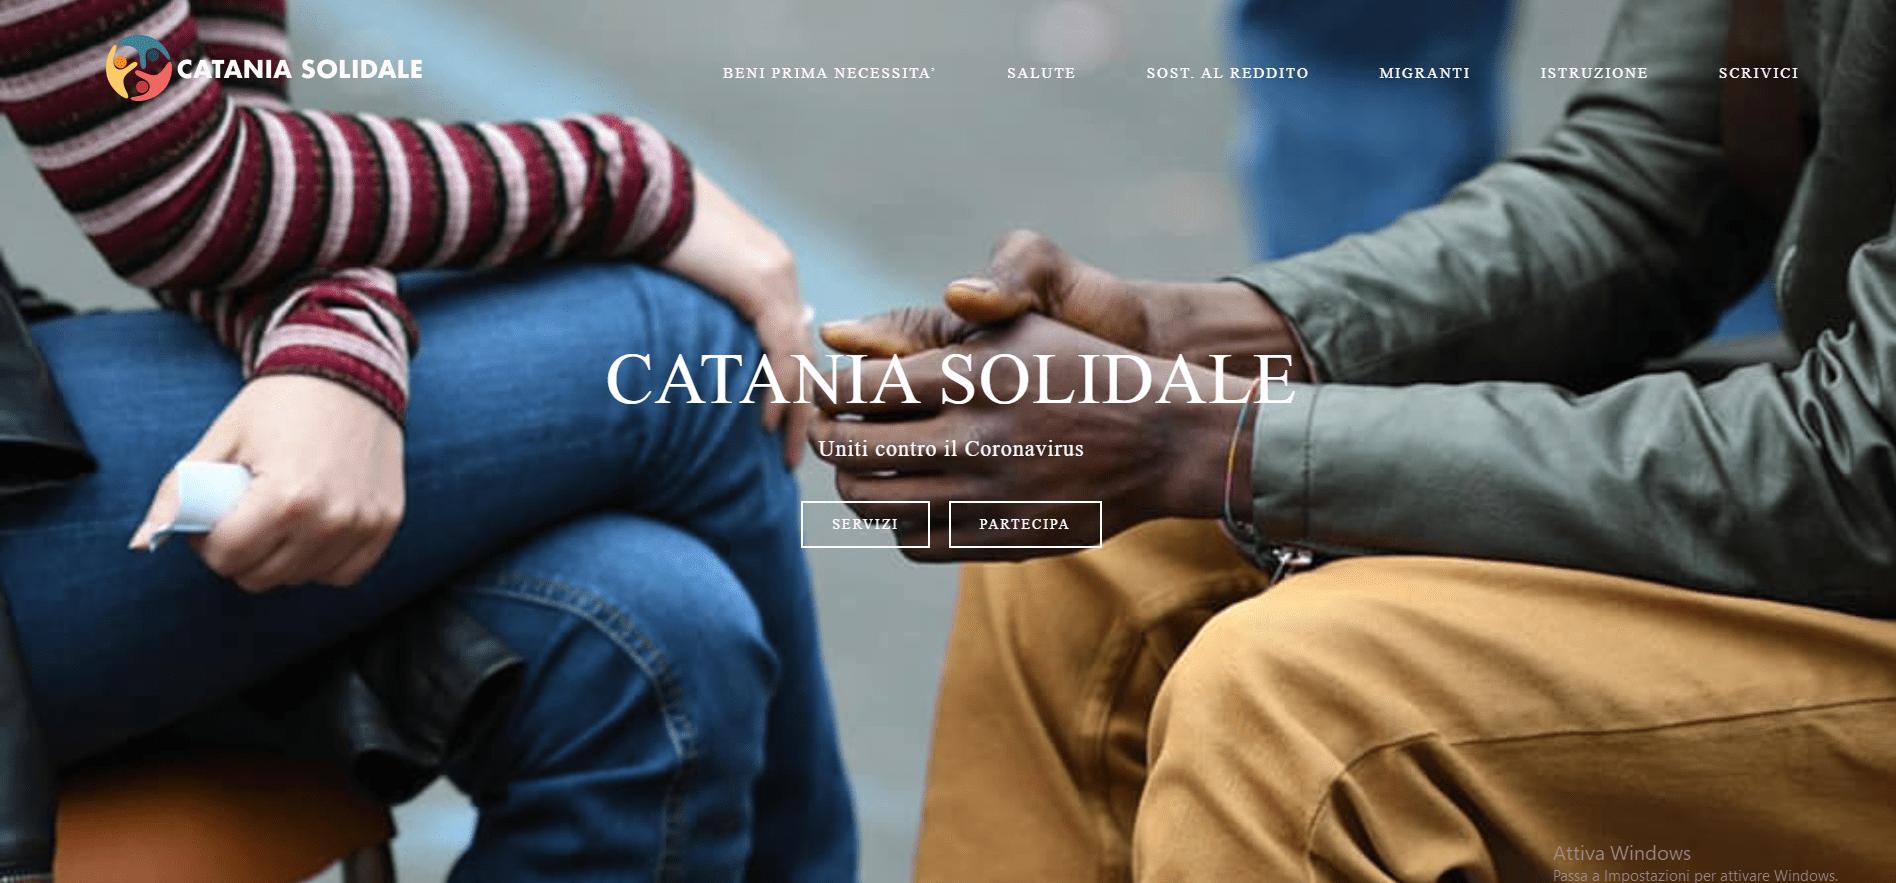 Cataniasolidale.it, il portale per aiutare chi ha bisogno (o farsi aiutare) durante l'emergenza Covid-19